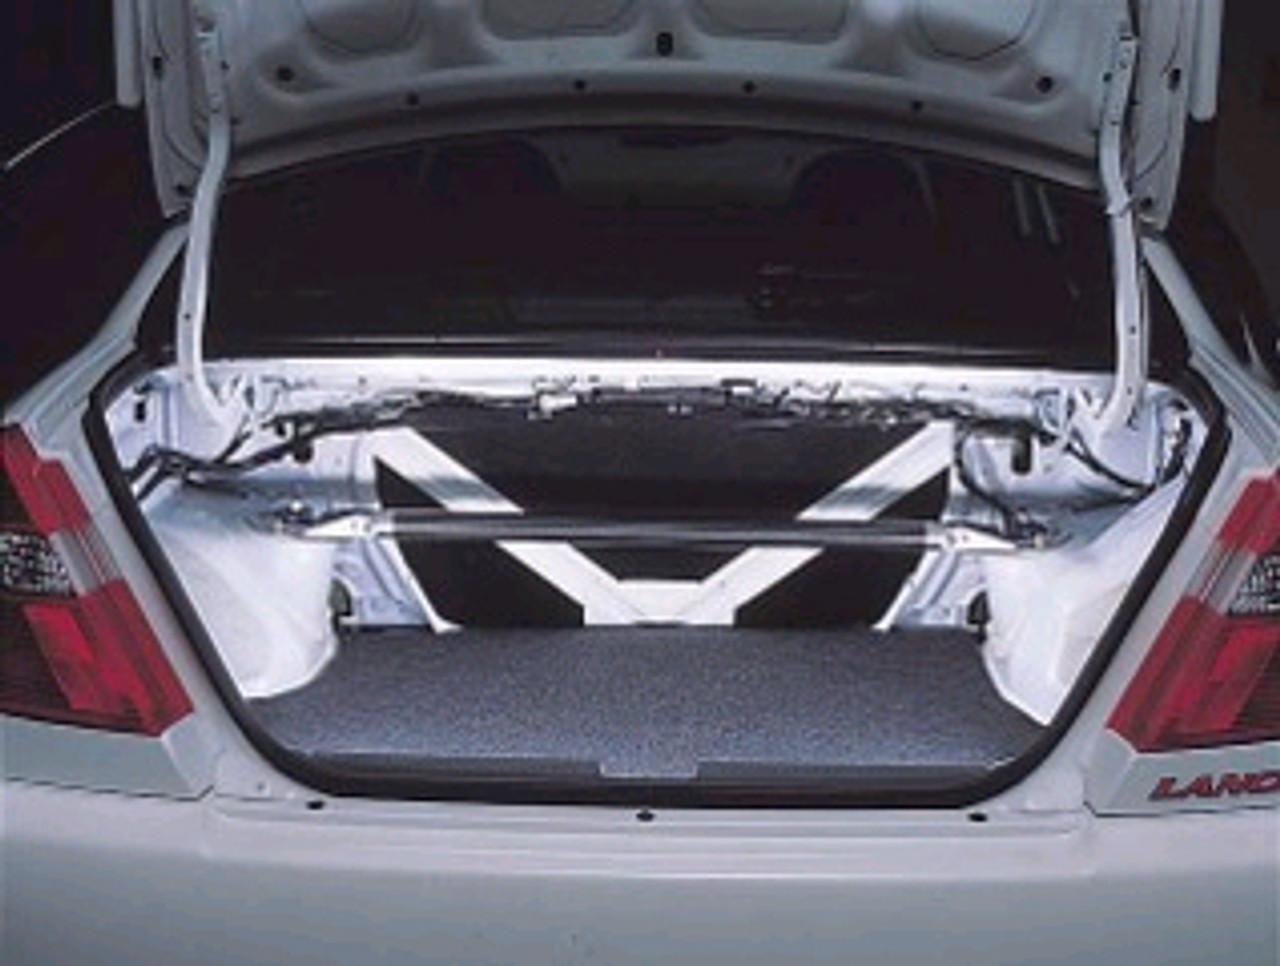 HPS Silicone Radiator Hose Kit for Mazda RX7 57-1035-RED